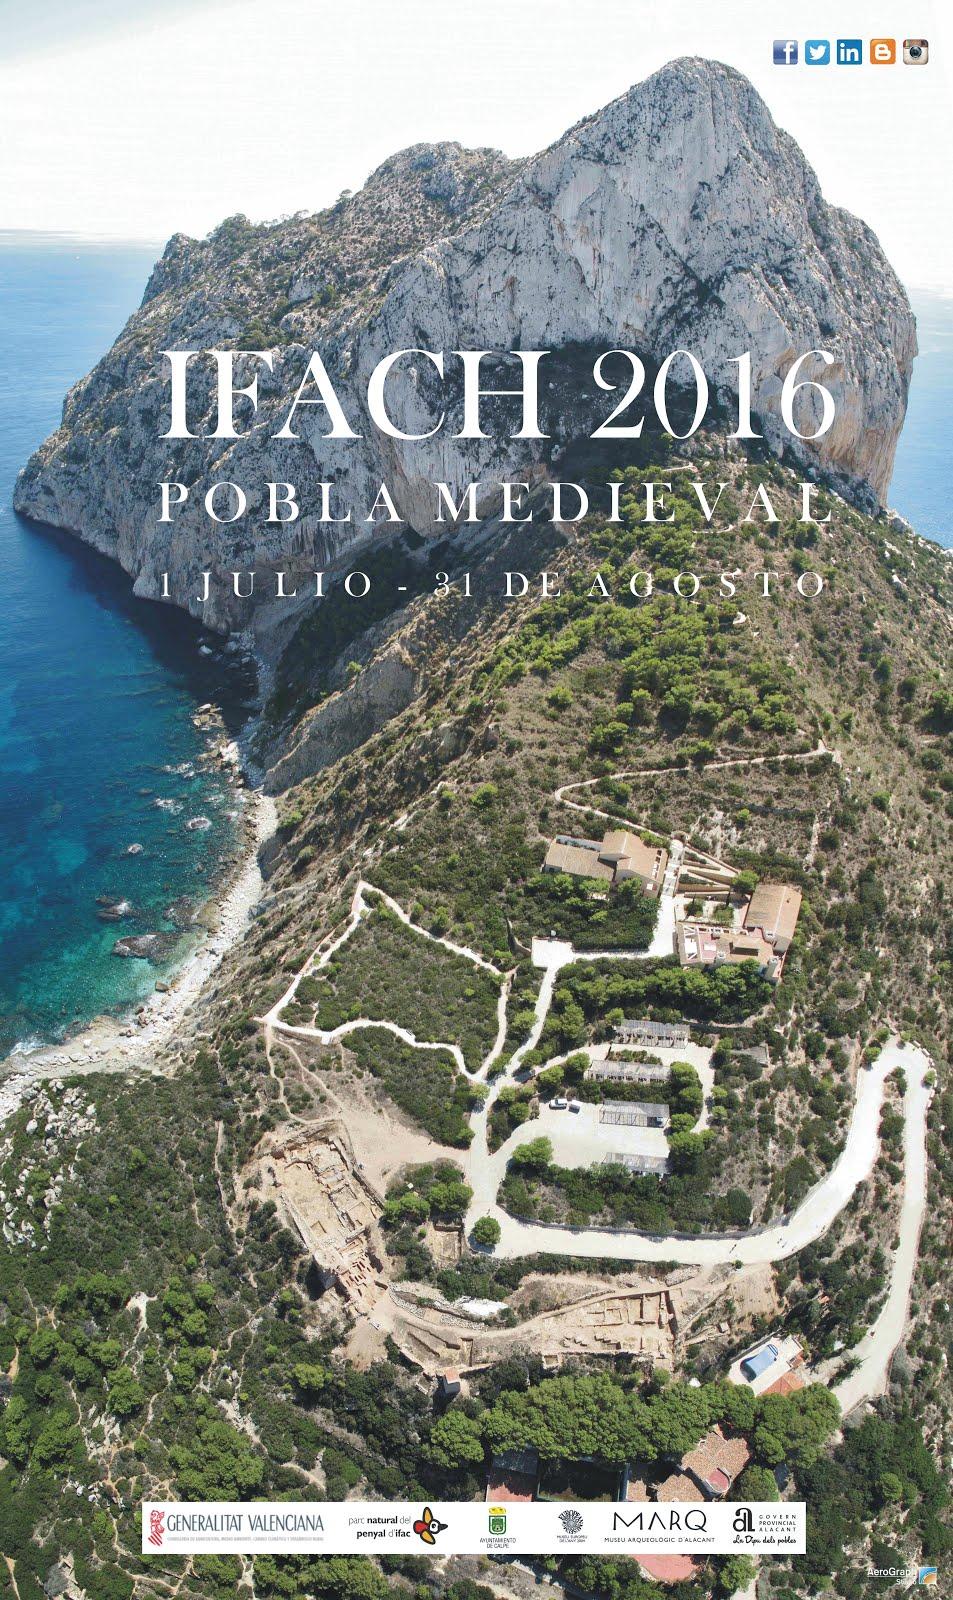 IFACH 2016